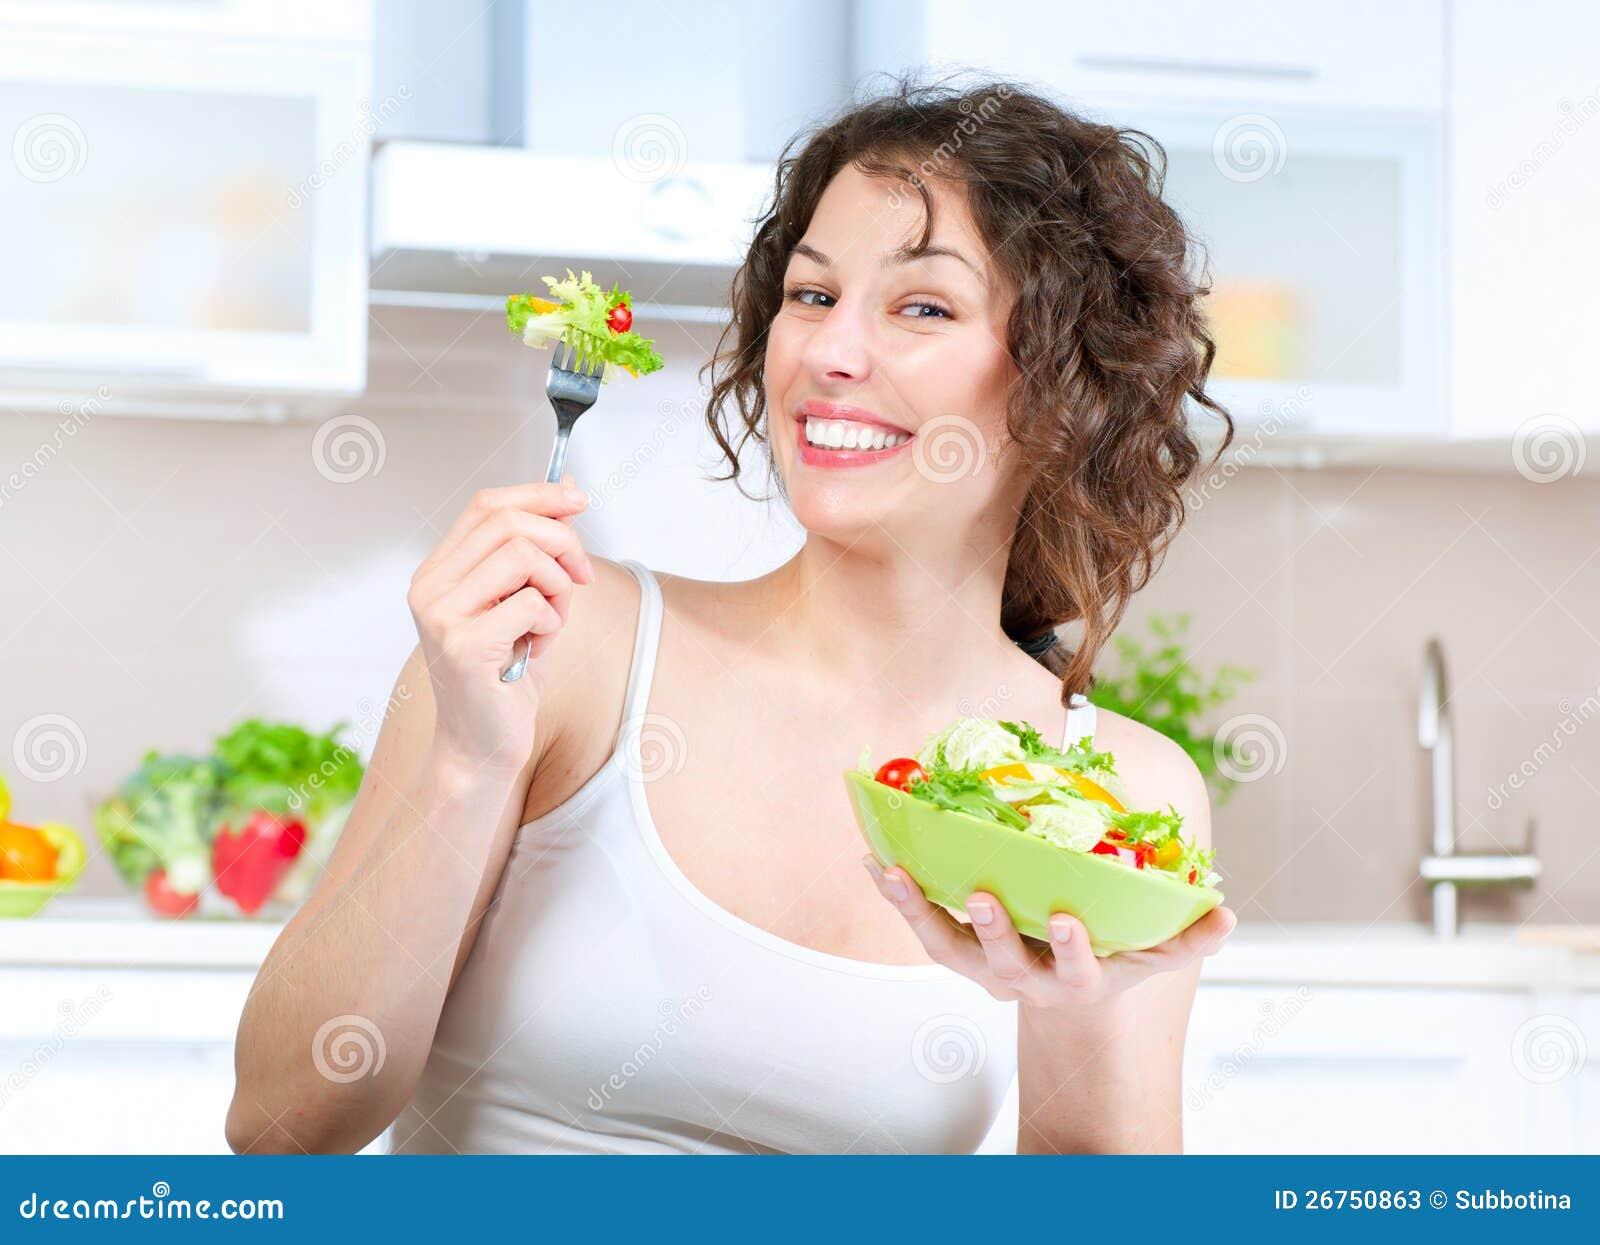 Diet. Woman Eating Vegetable Salad